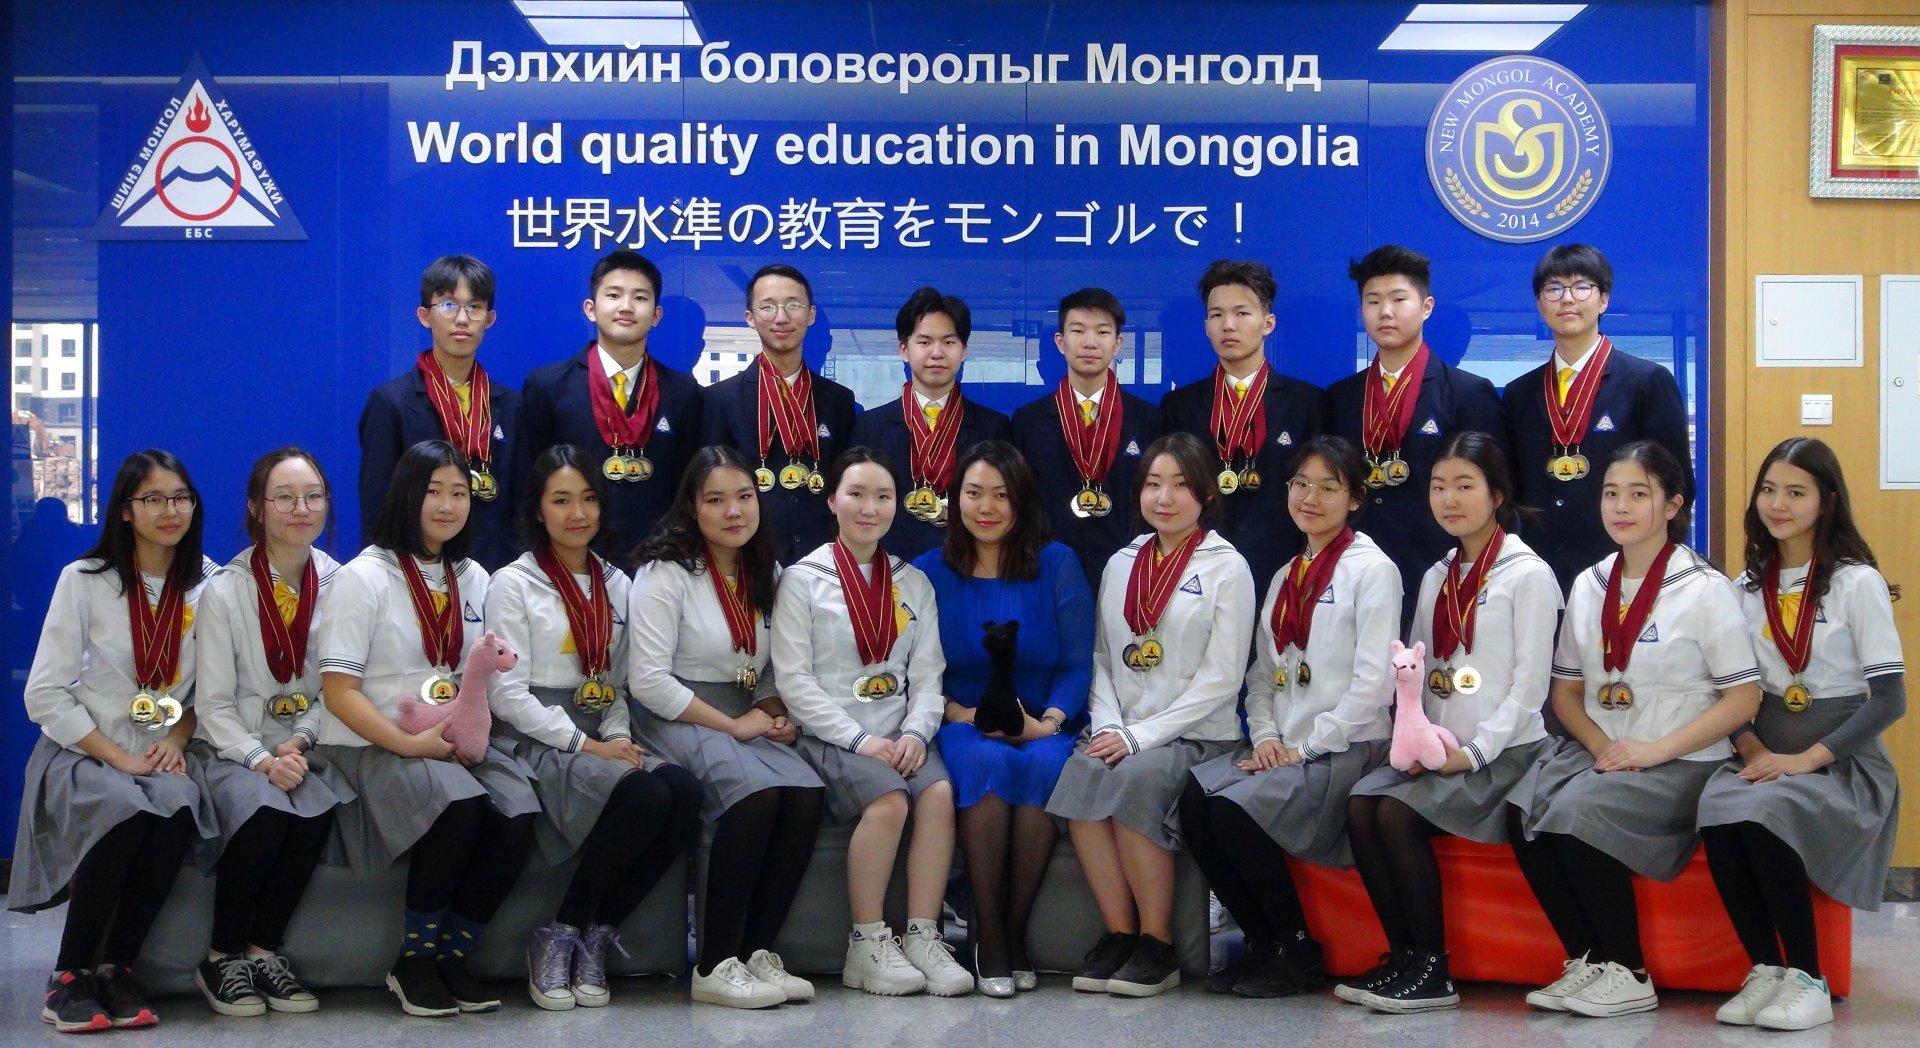 World Scholars Cup буюу Дэлхийн ахлах ангийн сурагчдын дунд явагддаг мэтгэлцээний тэмцээнд амжилттай оролцлоо